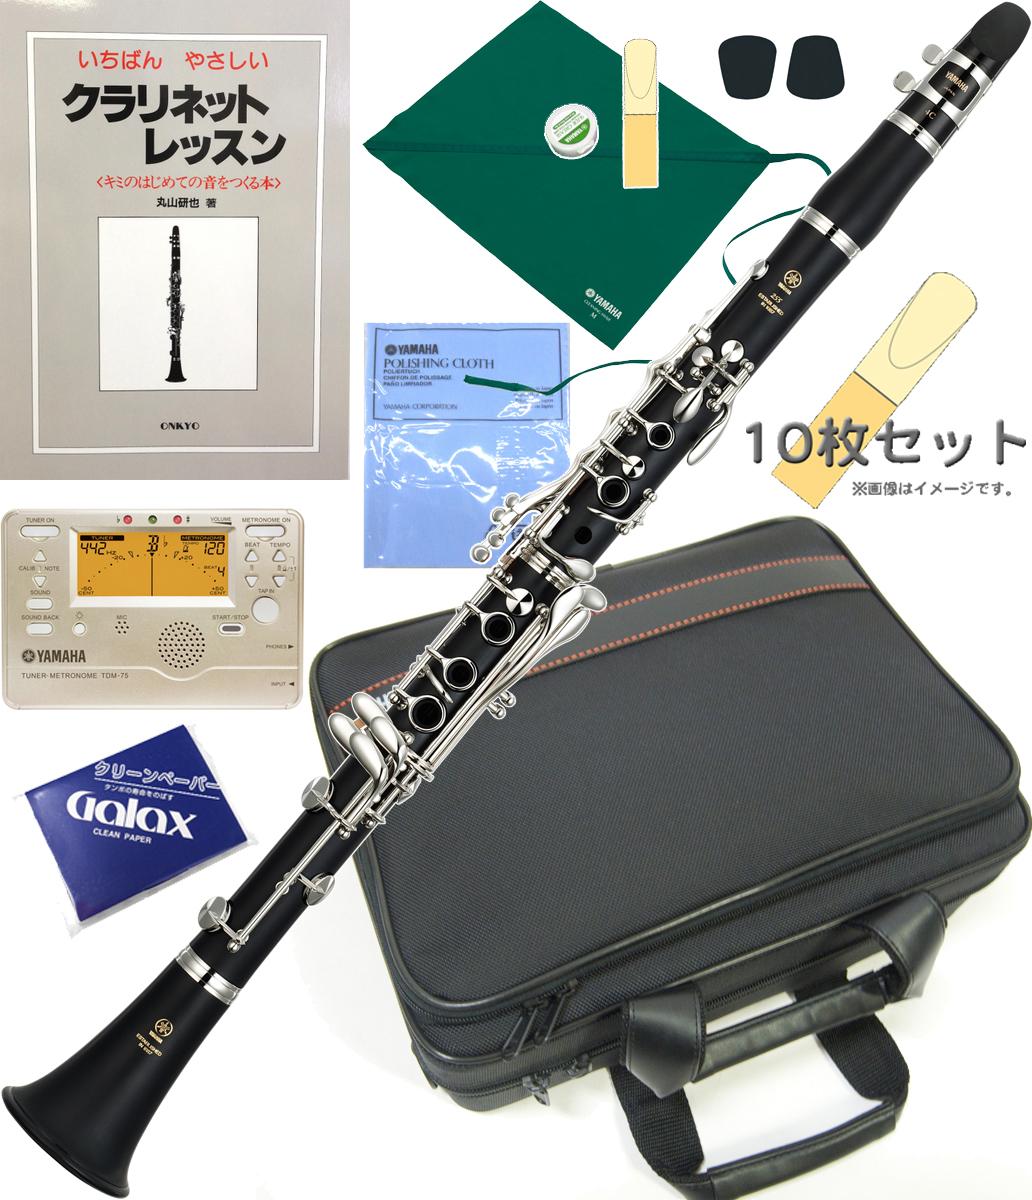 この価格在庫限り YAMAHA ( ヤマハ ) YCL-255 クラリネット 新品 ABS樹脂製 B♭管 本体 初心者 管楽器 スタンダード Bフラットクラリネット clarinet 【YCL255SET】 送料無料